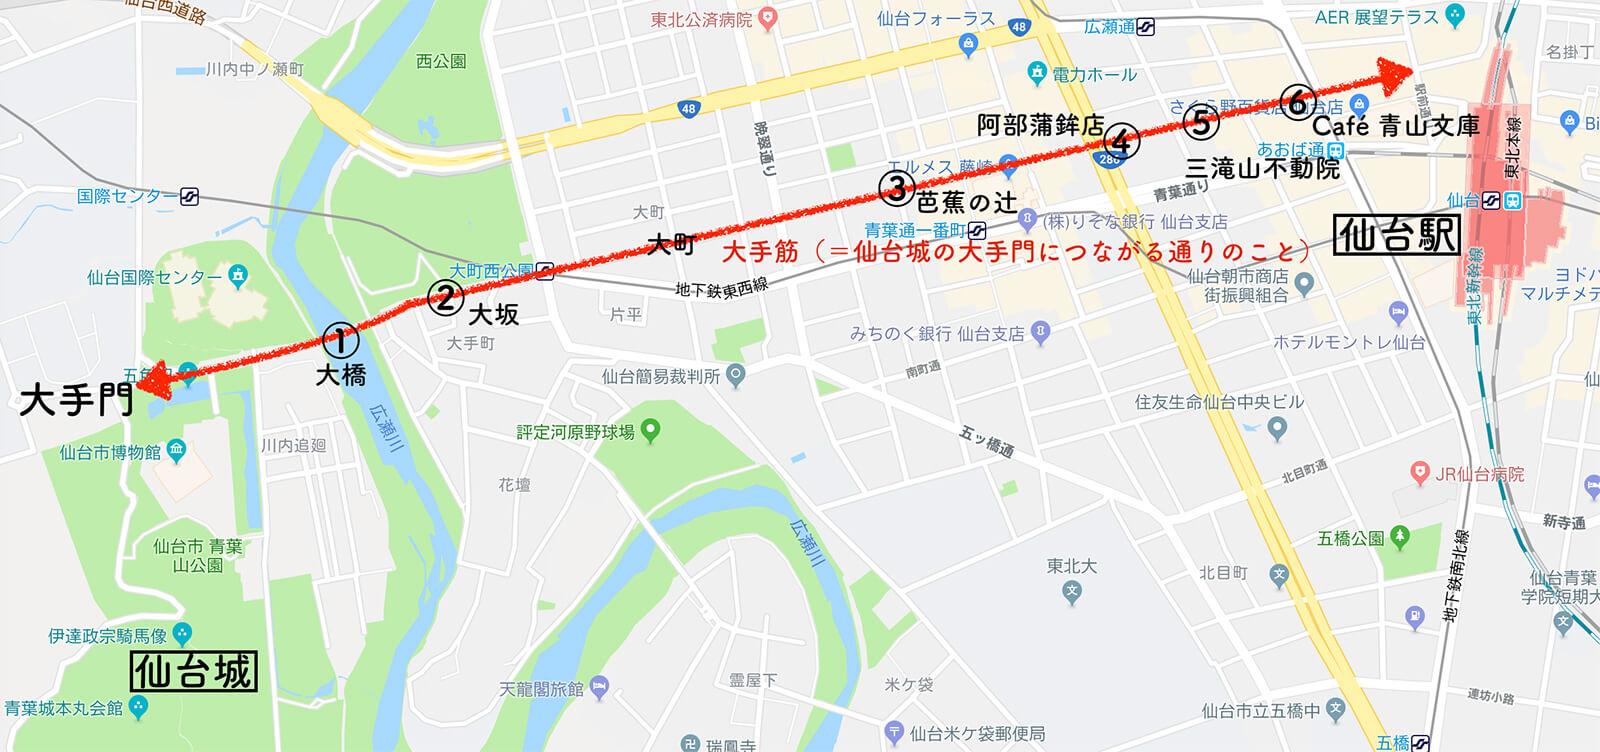 """仙台駅〜仙台城間は歩くべき、仙台観光の""""新""""定番コース!"""